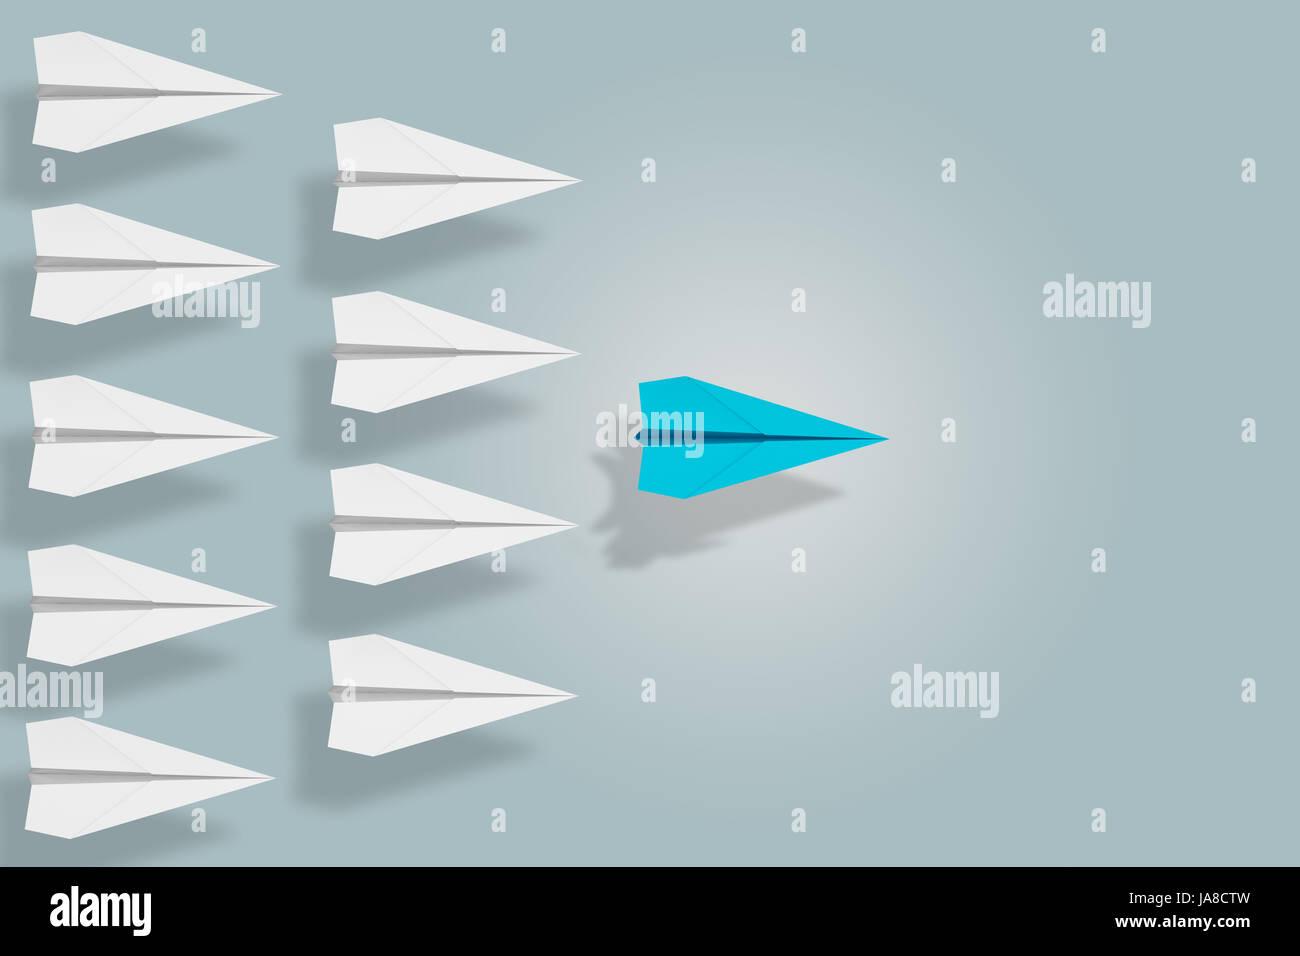 Leadership e di ambizione concetto con aeroplano di carta. Il rendering 3D Immagini Stock